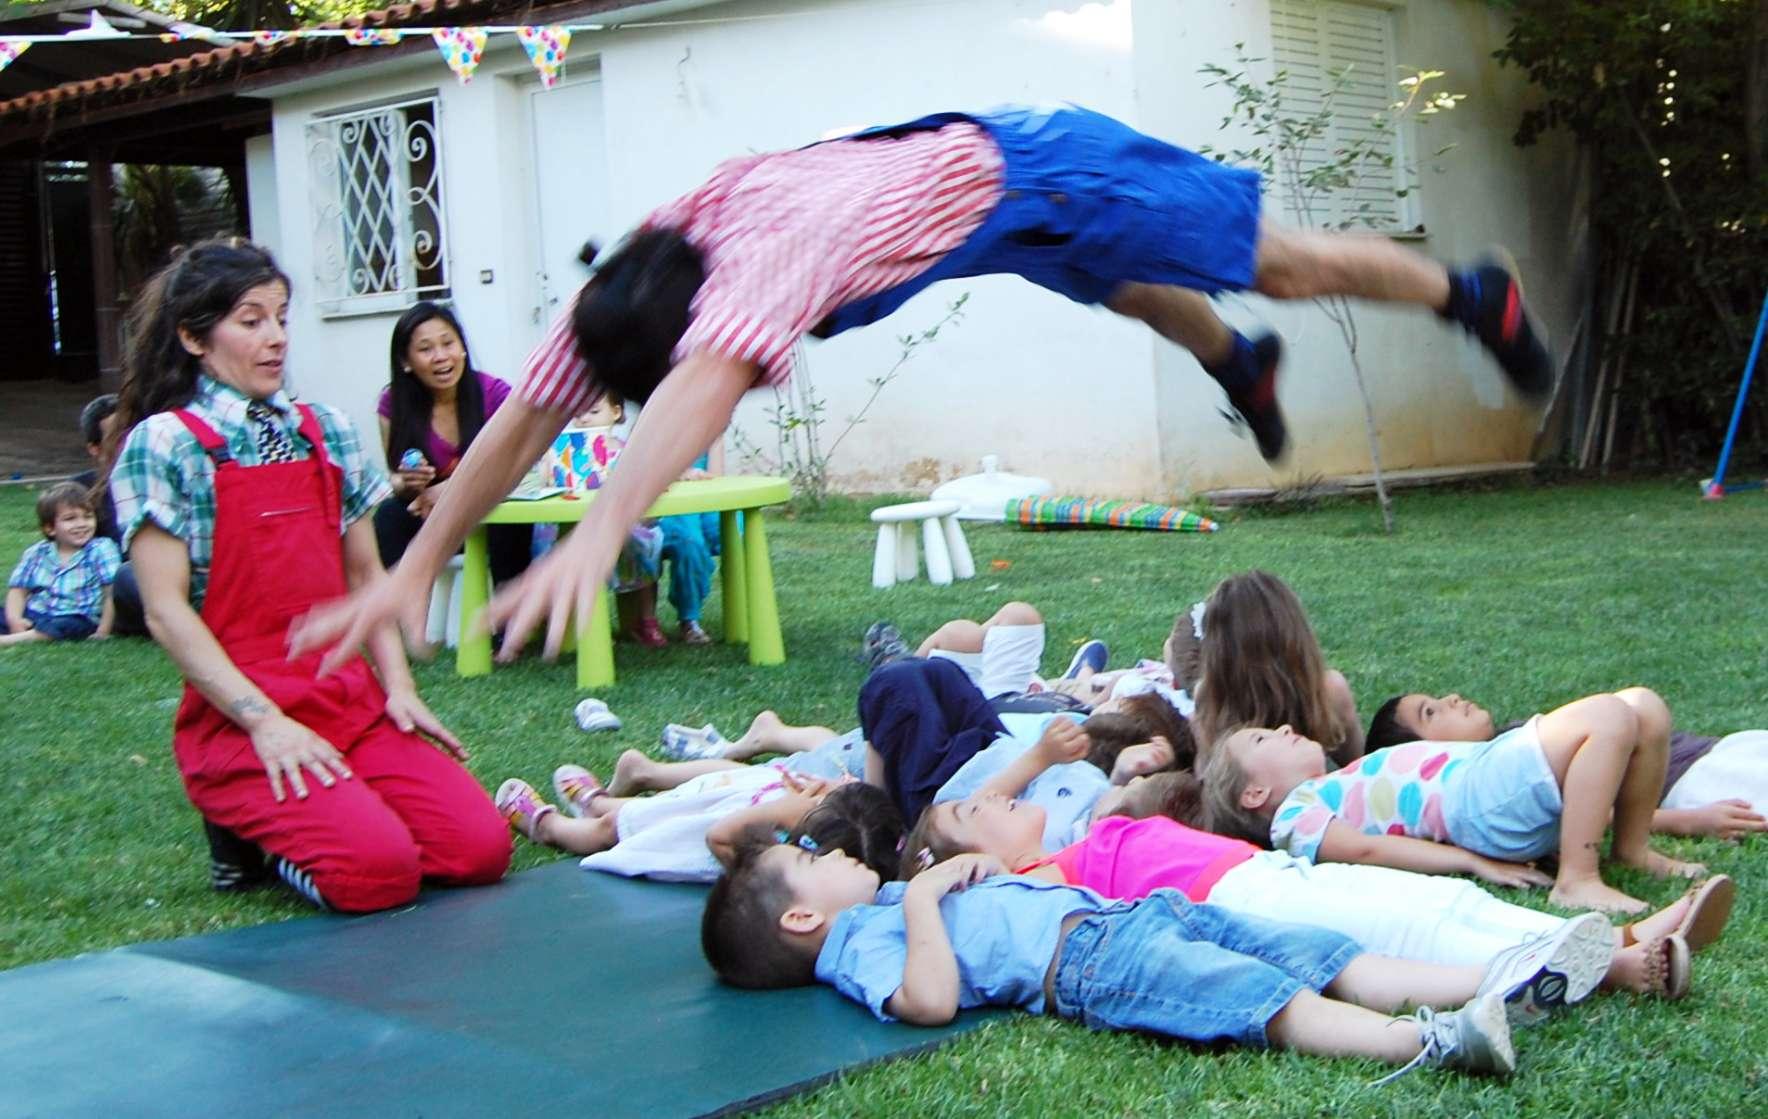 Καλλιτέχνης του τσίρκο πετάει πάνω από ξαπλωμένα παιδιά σε παιδικό πάρτυ